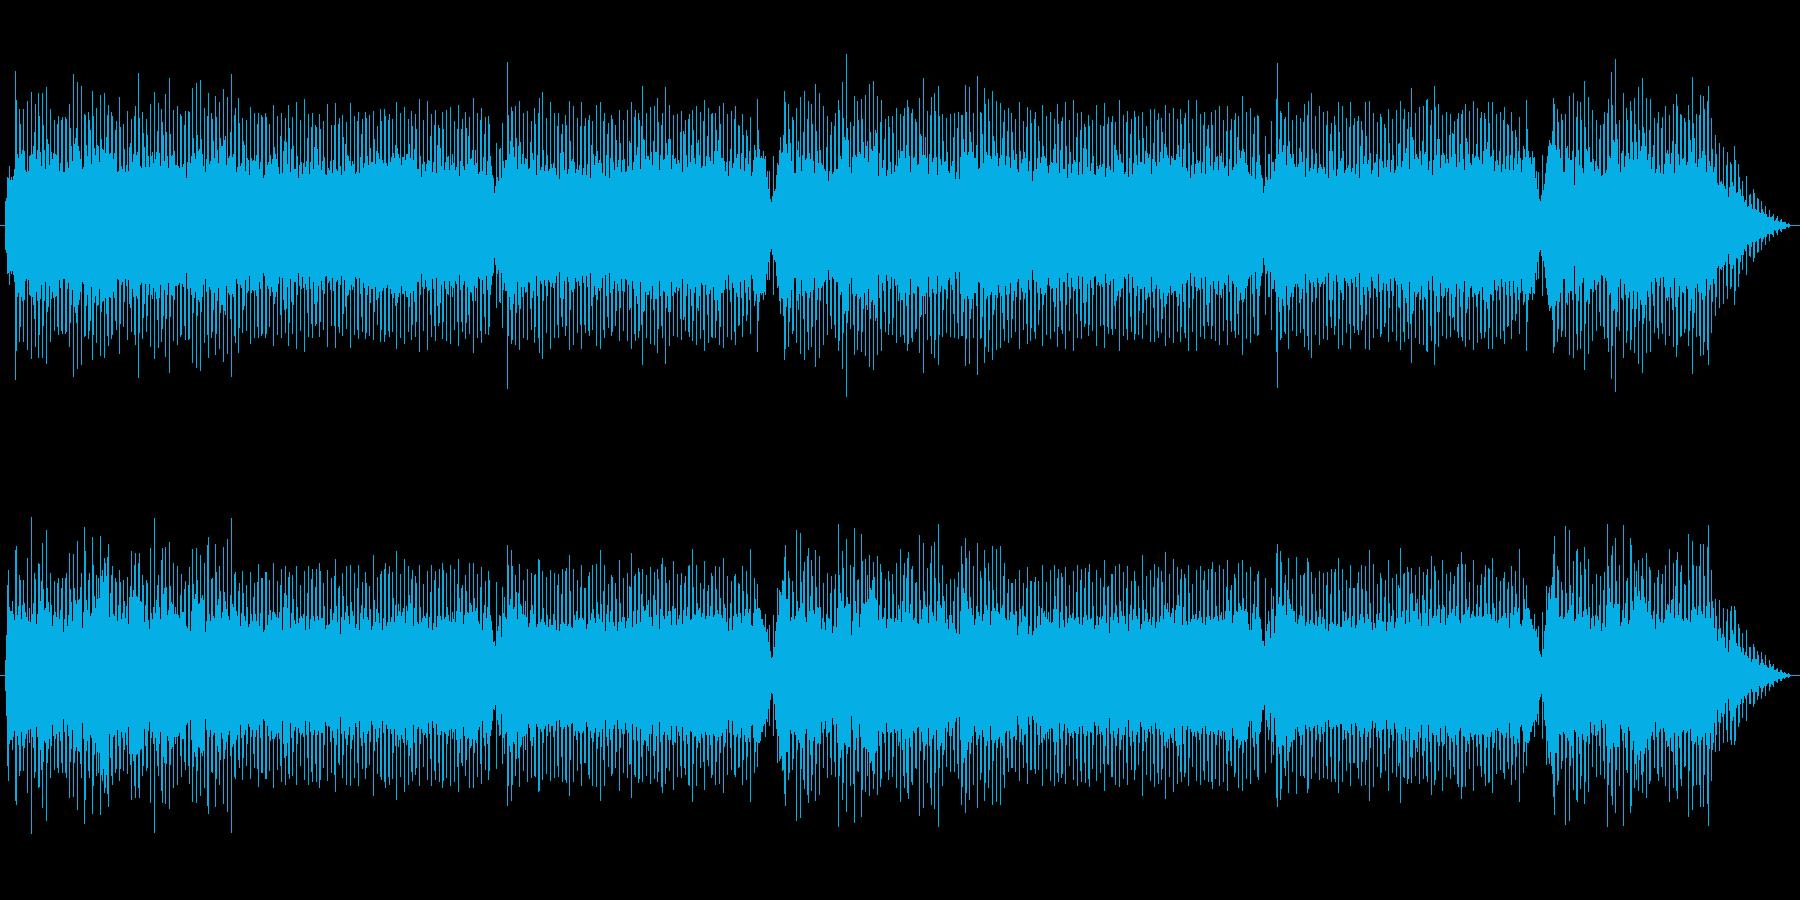 トランス:ピアノ・メロディアス系の再生済みの波形